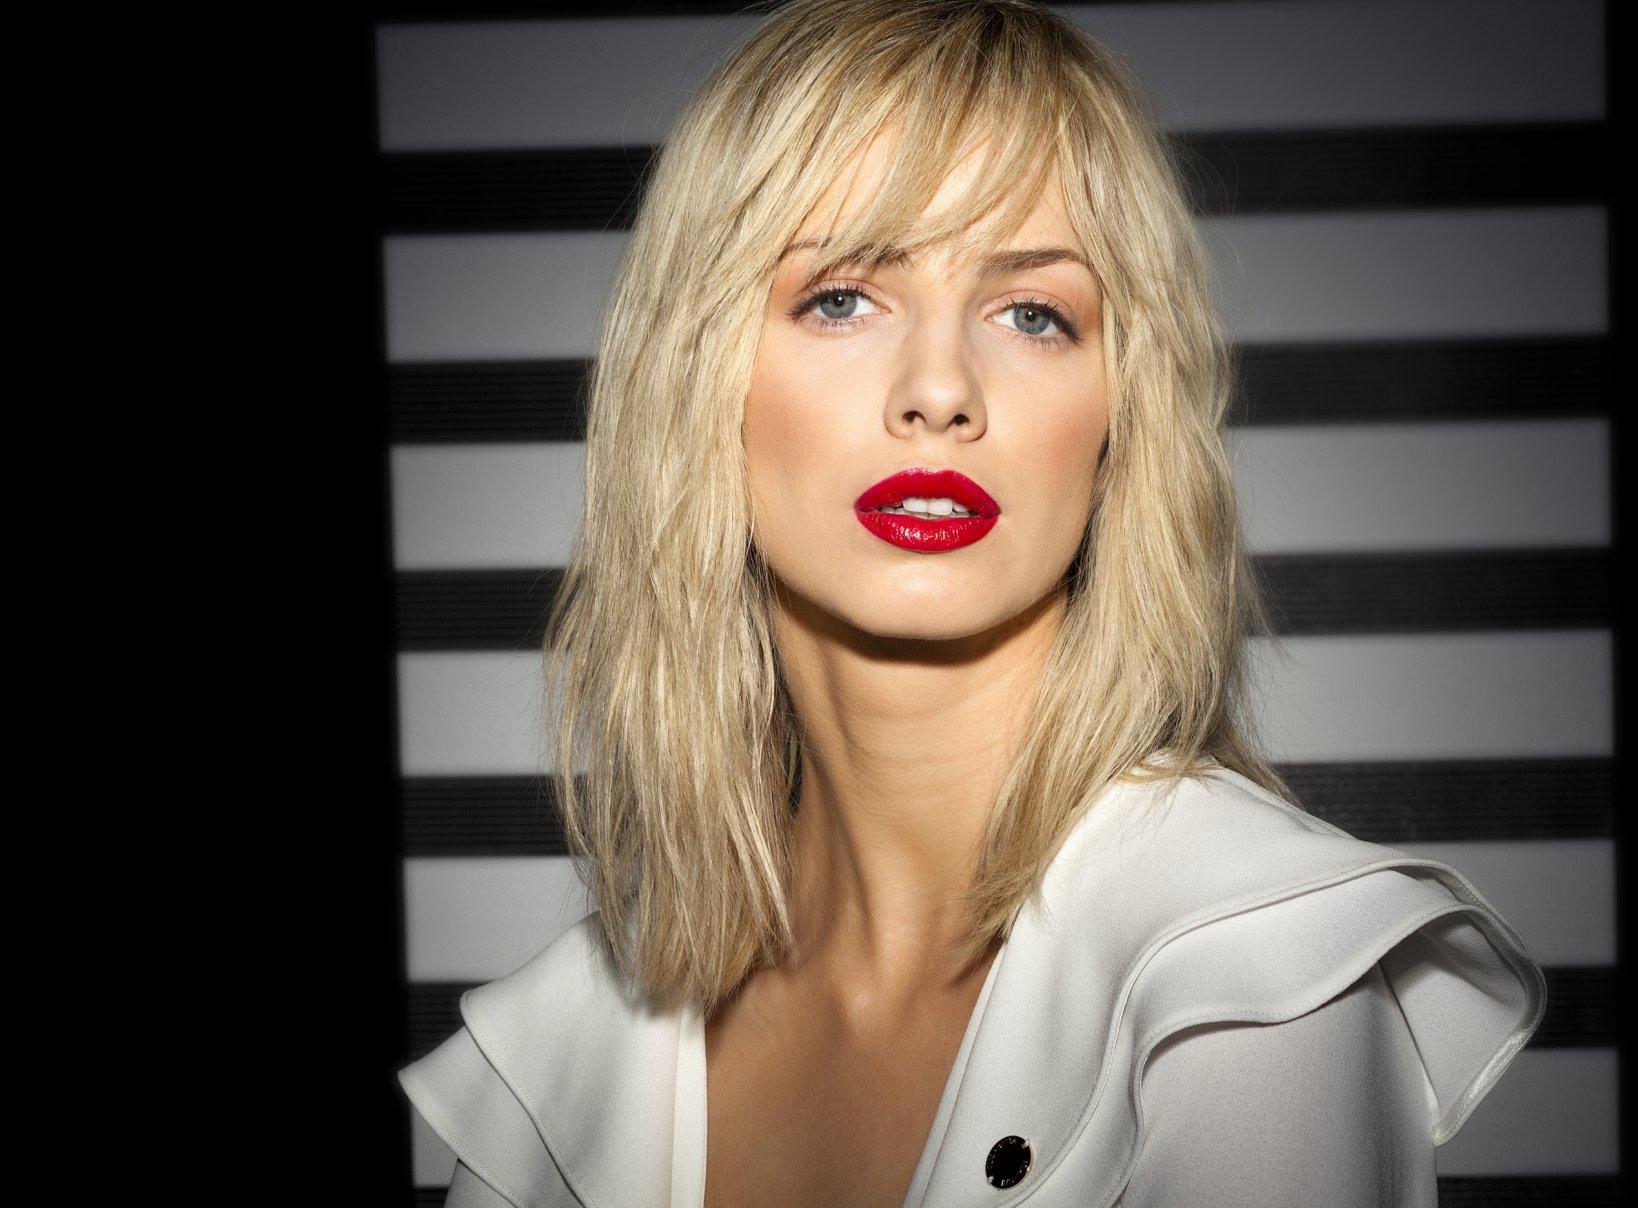 Piękna Niczym Gwiazda Hollywood Z Max Factor Lipfinity Facelook